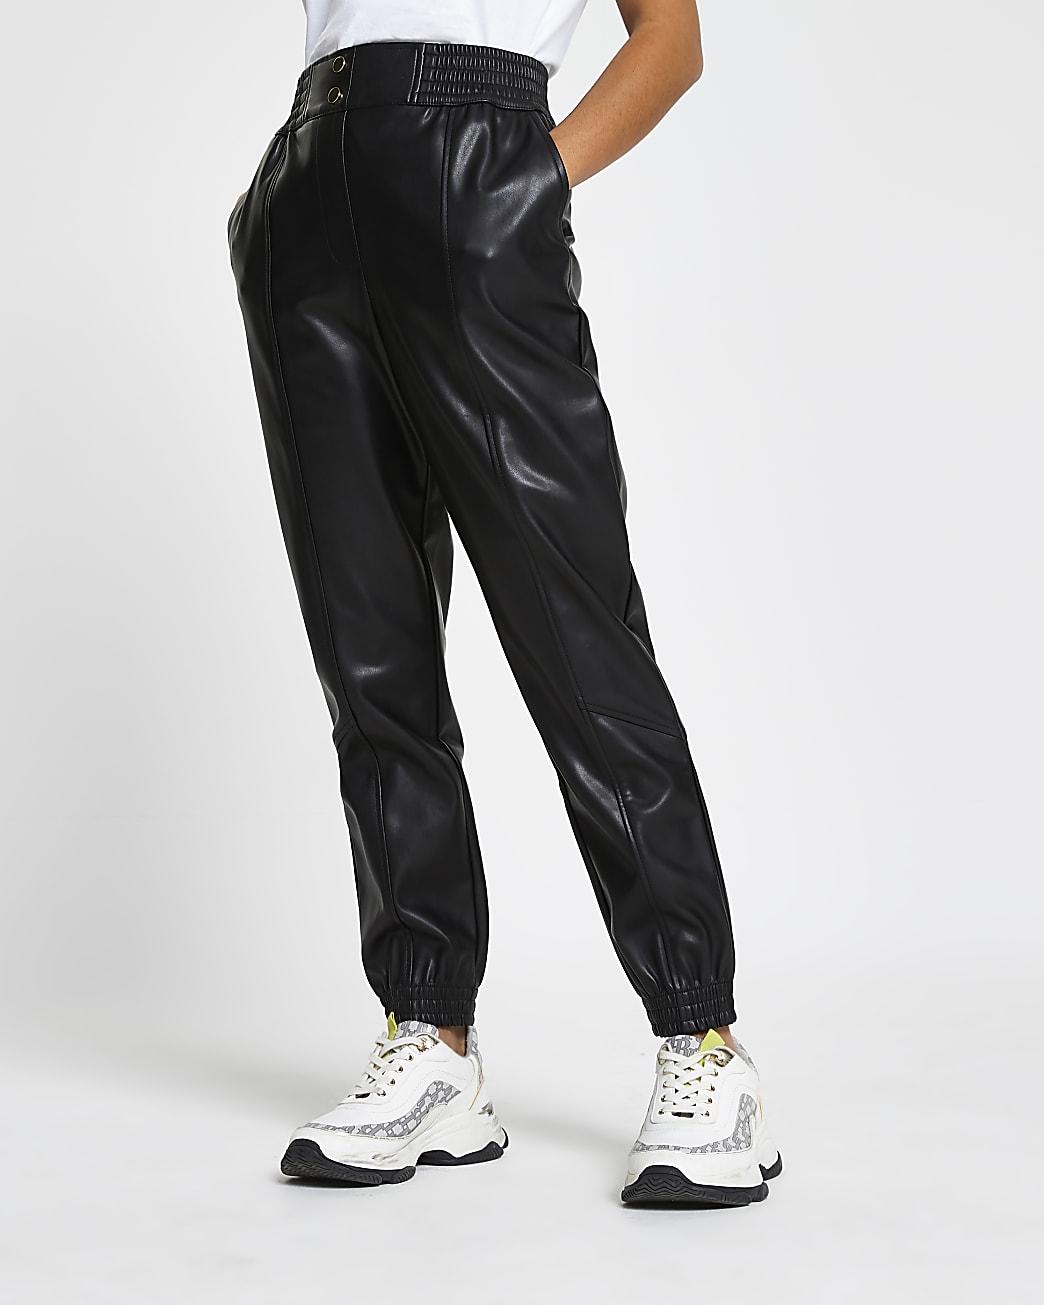 Petite black faux leather slim leg joggers